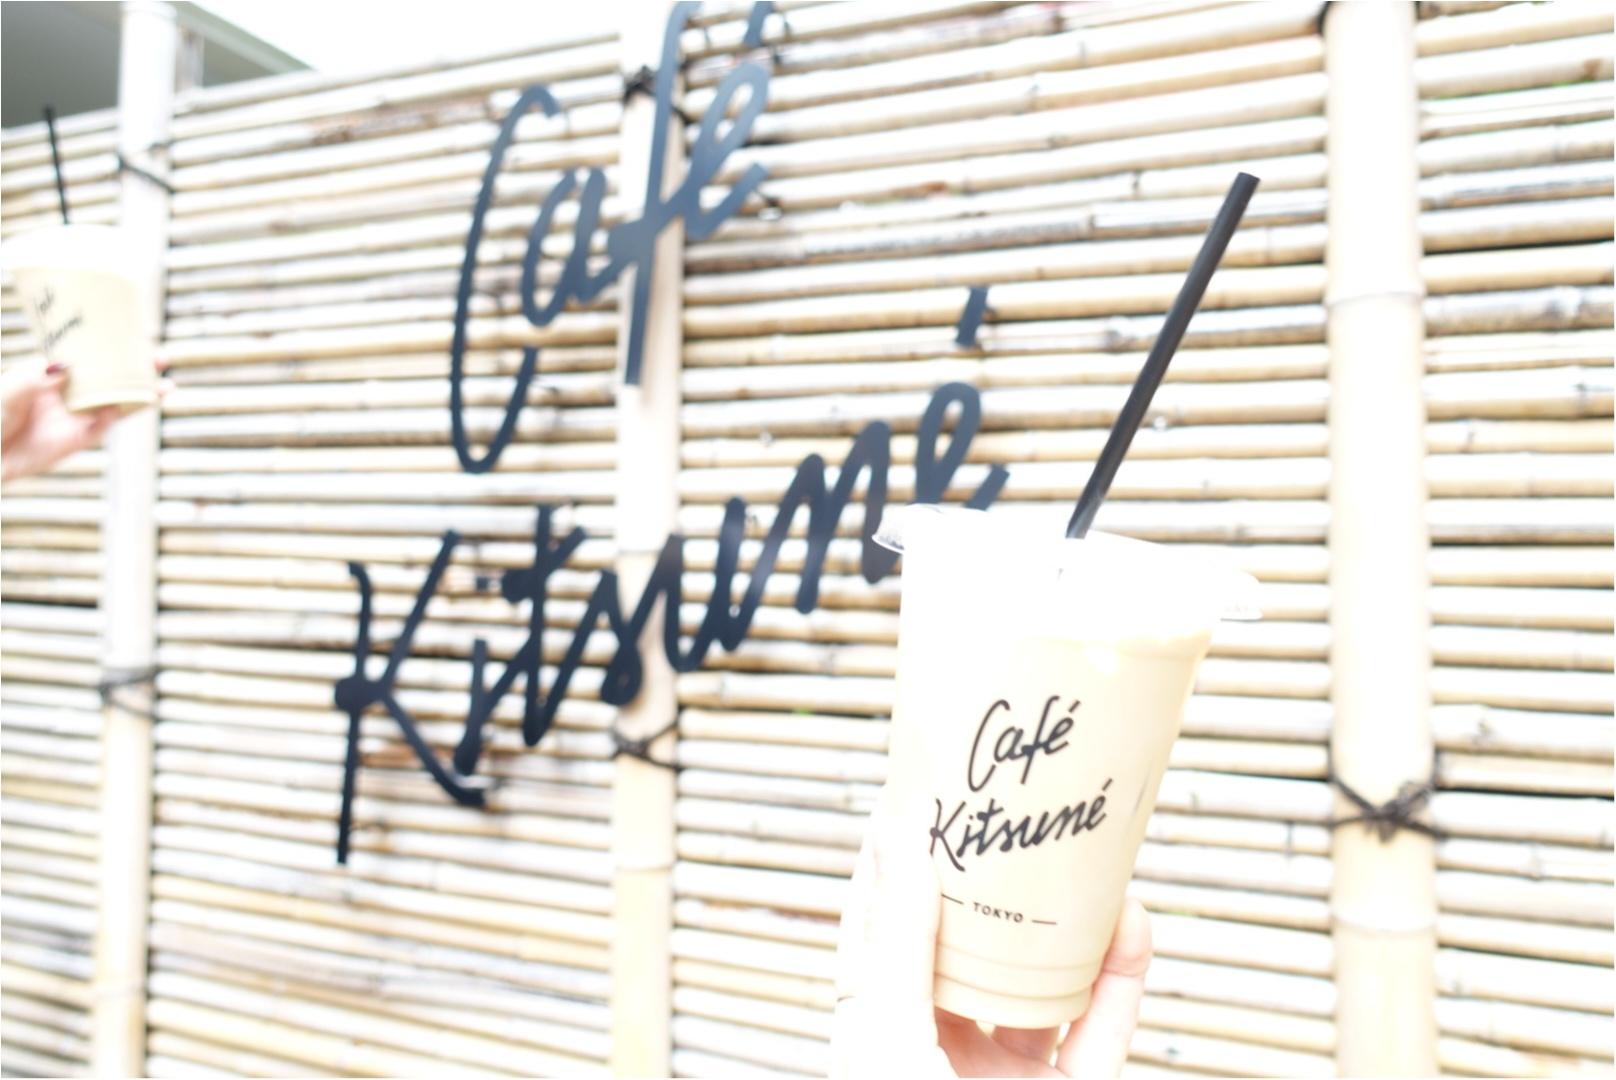 ★表参道にいったらココに行くべし!『cafe kitsune』の京都のような和空間で癒しタイム!_1